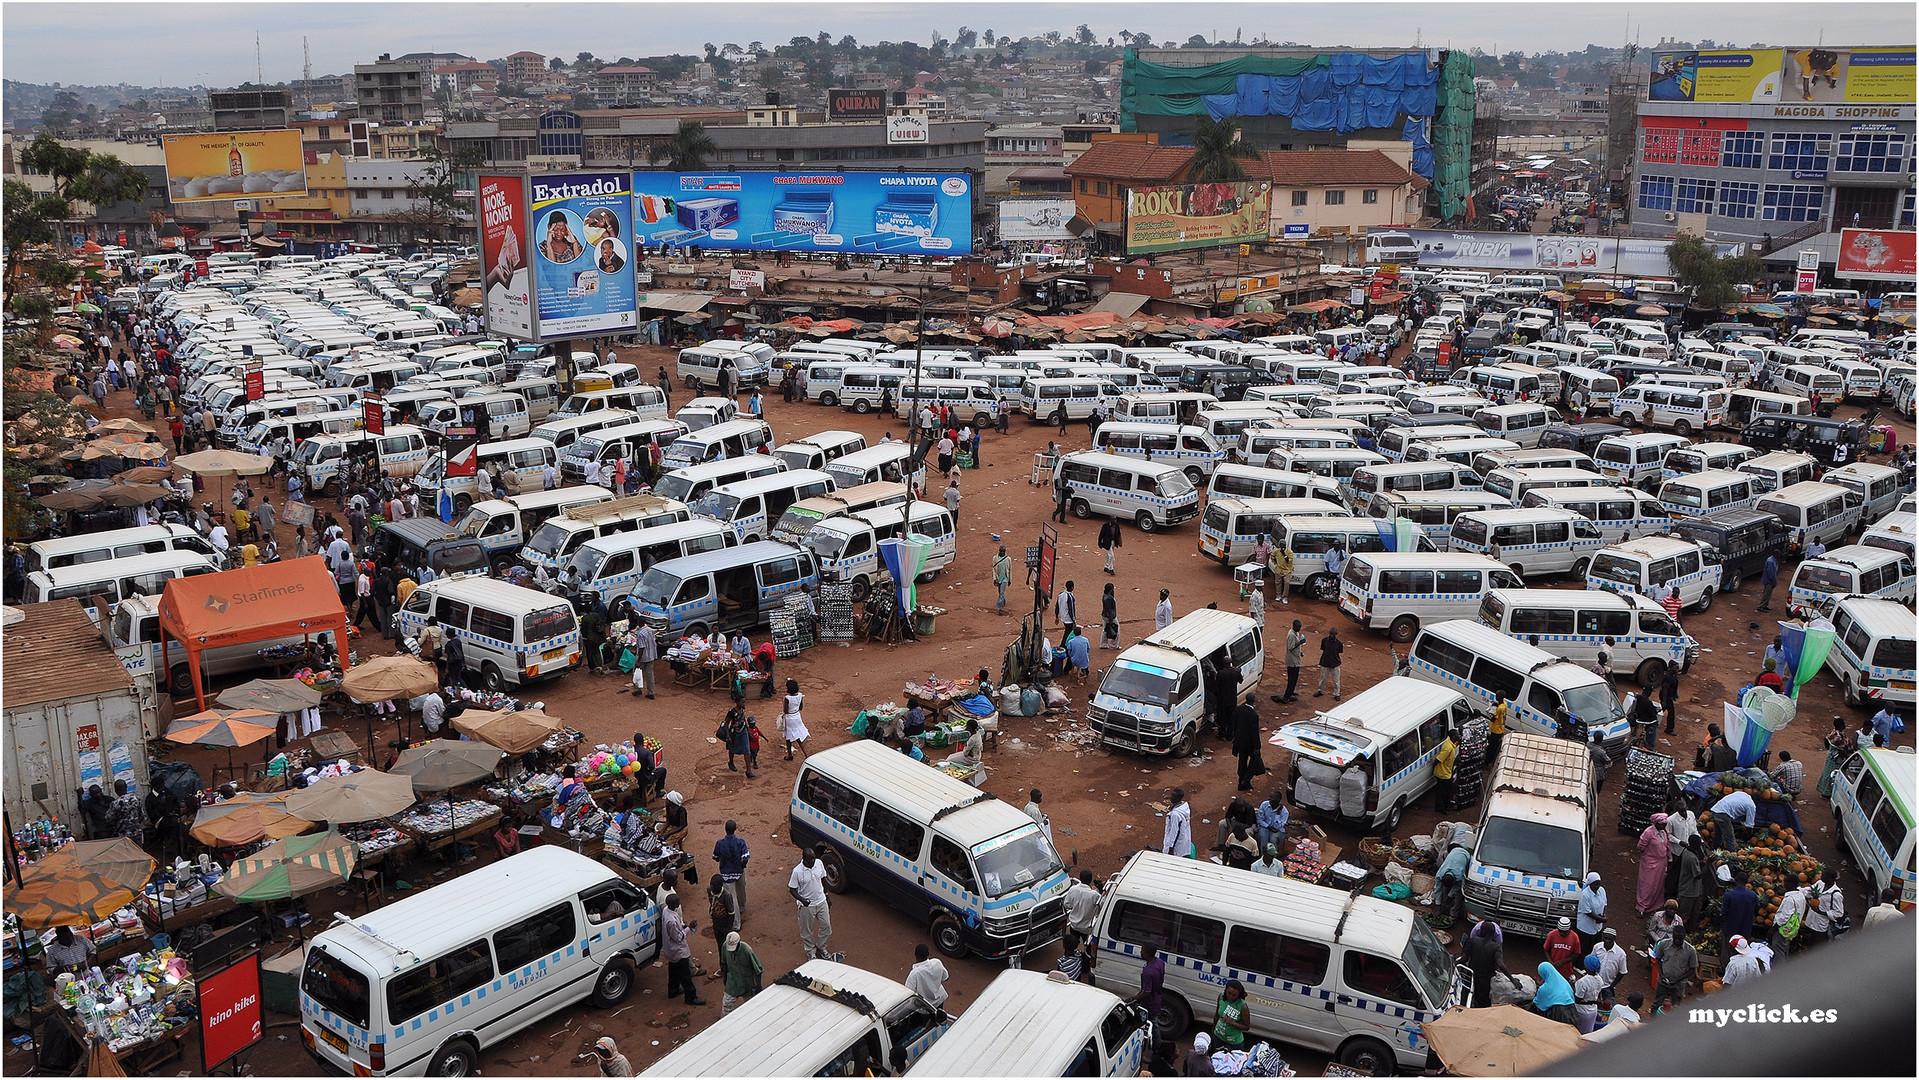 MEMORIAS DE AFRICA -ESTACION CENTRAL-KAMPALA-Aqui llego el Ebola -UGANDA